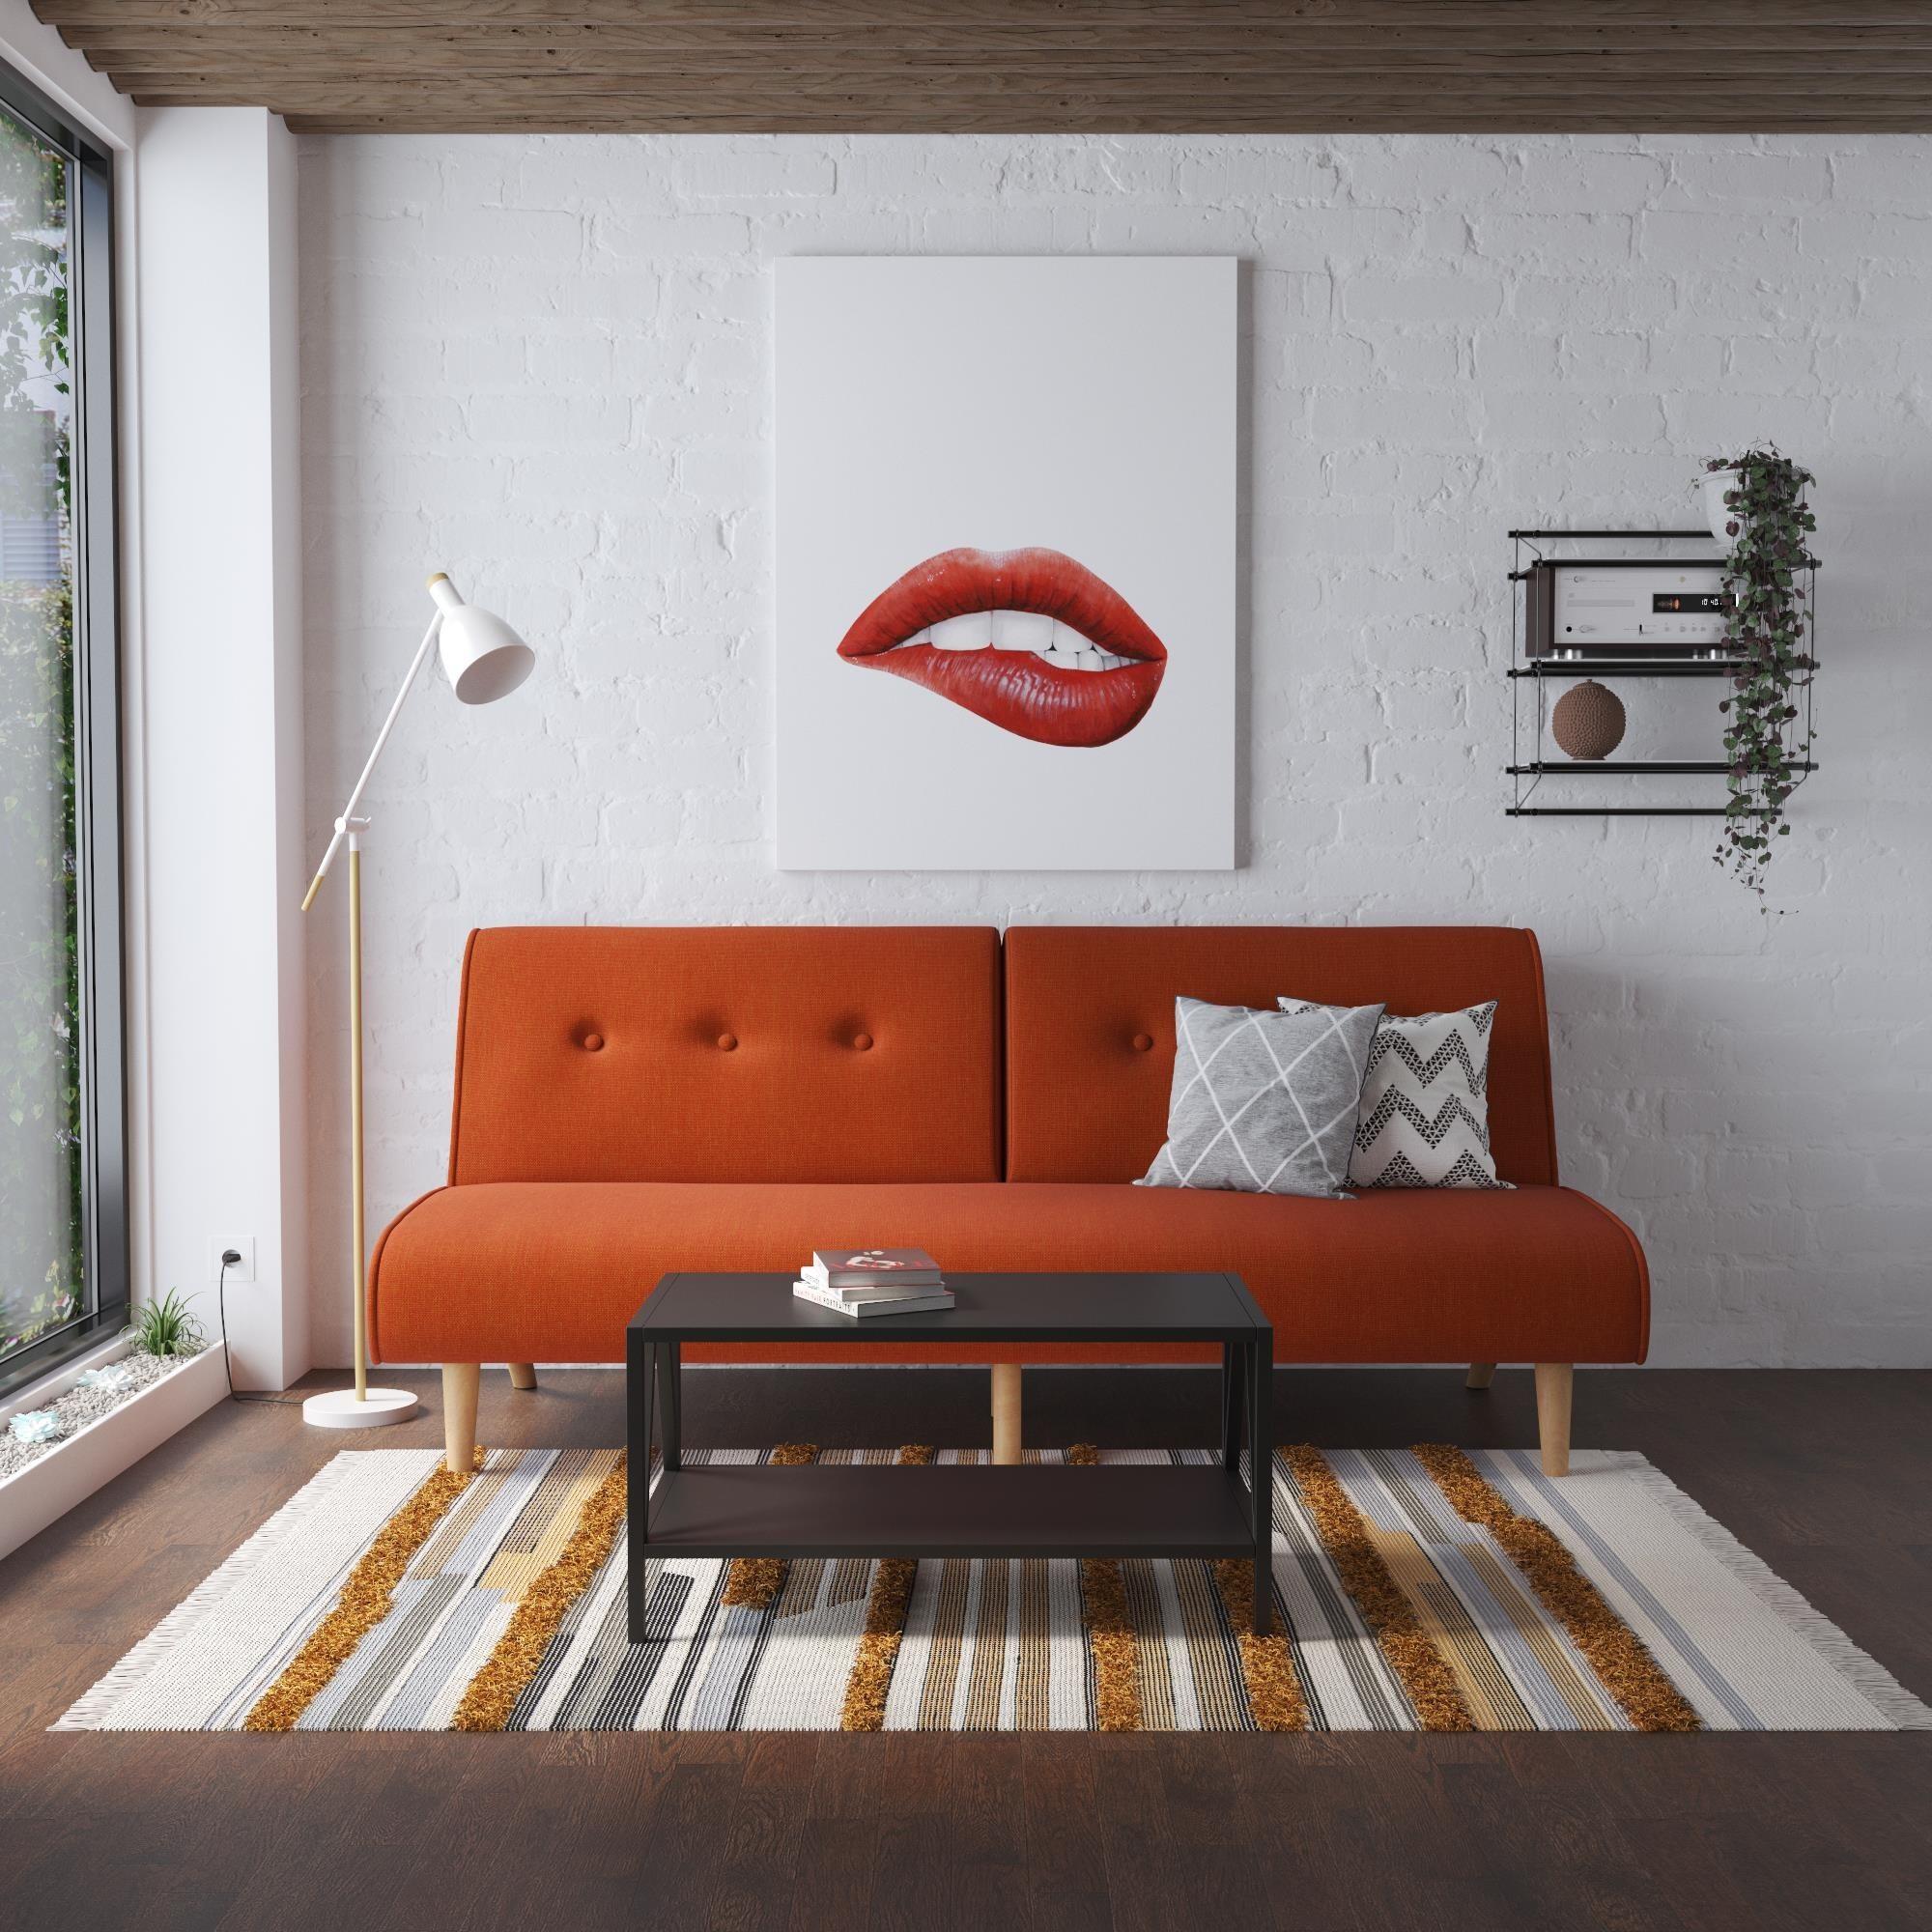 The futon in the color Orange